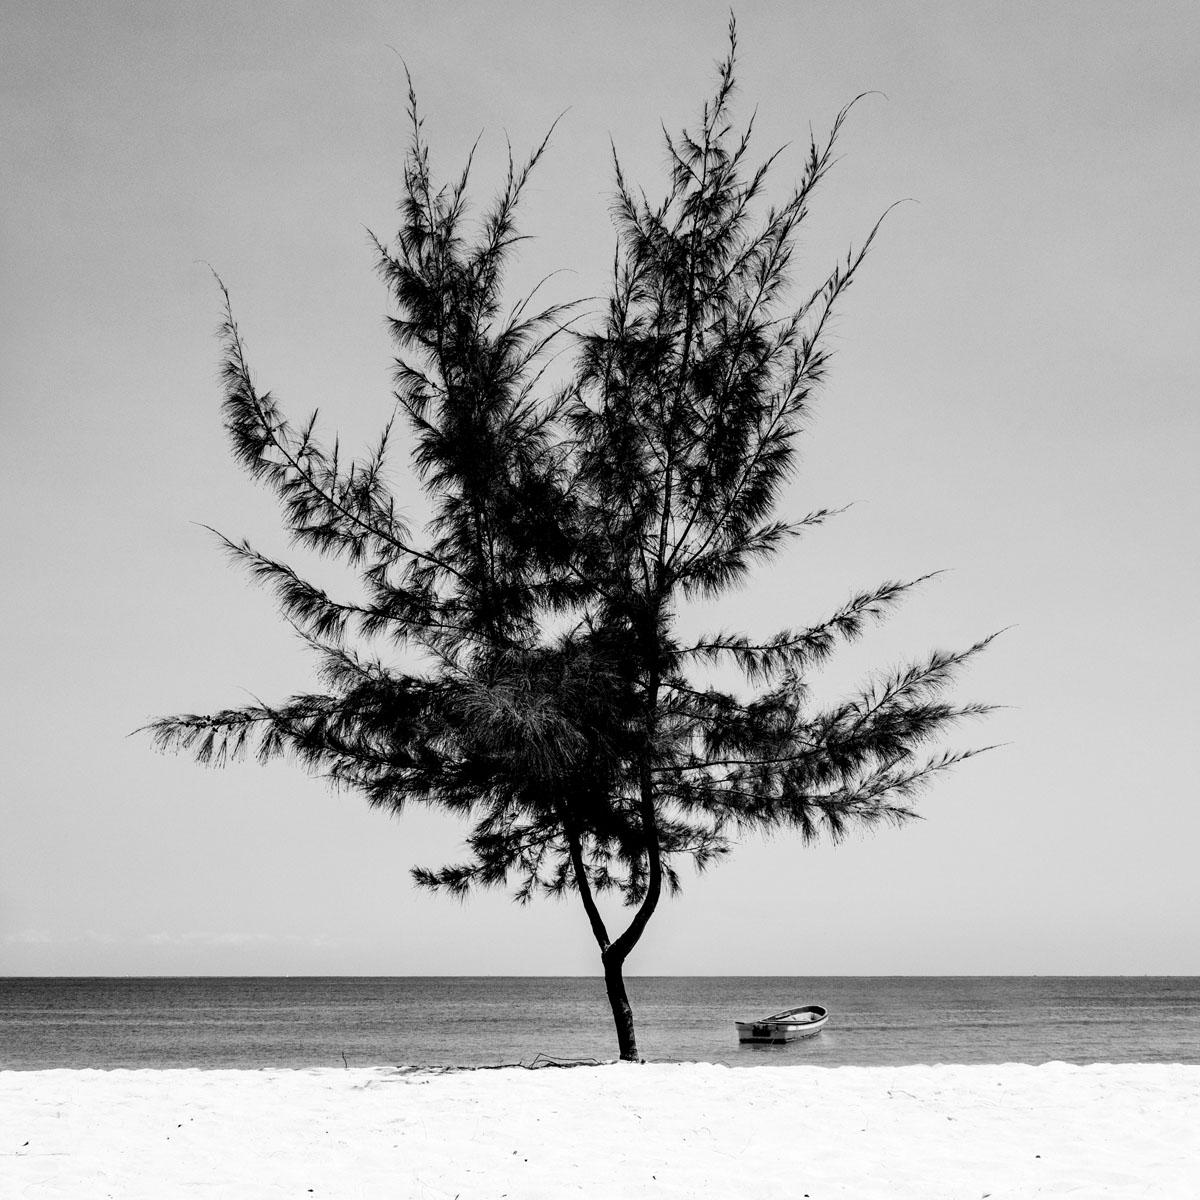 mbudya-island-II